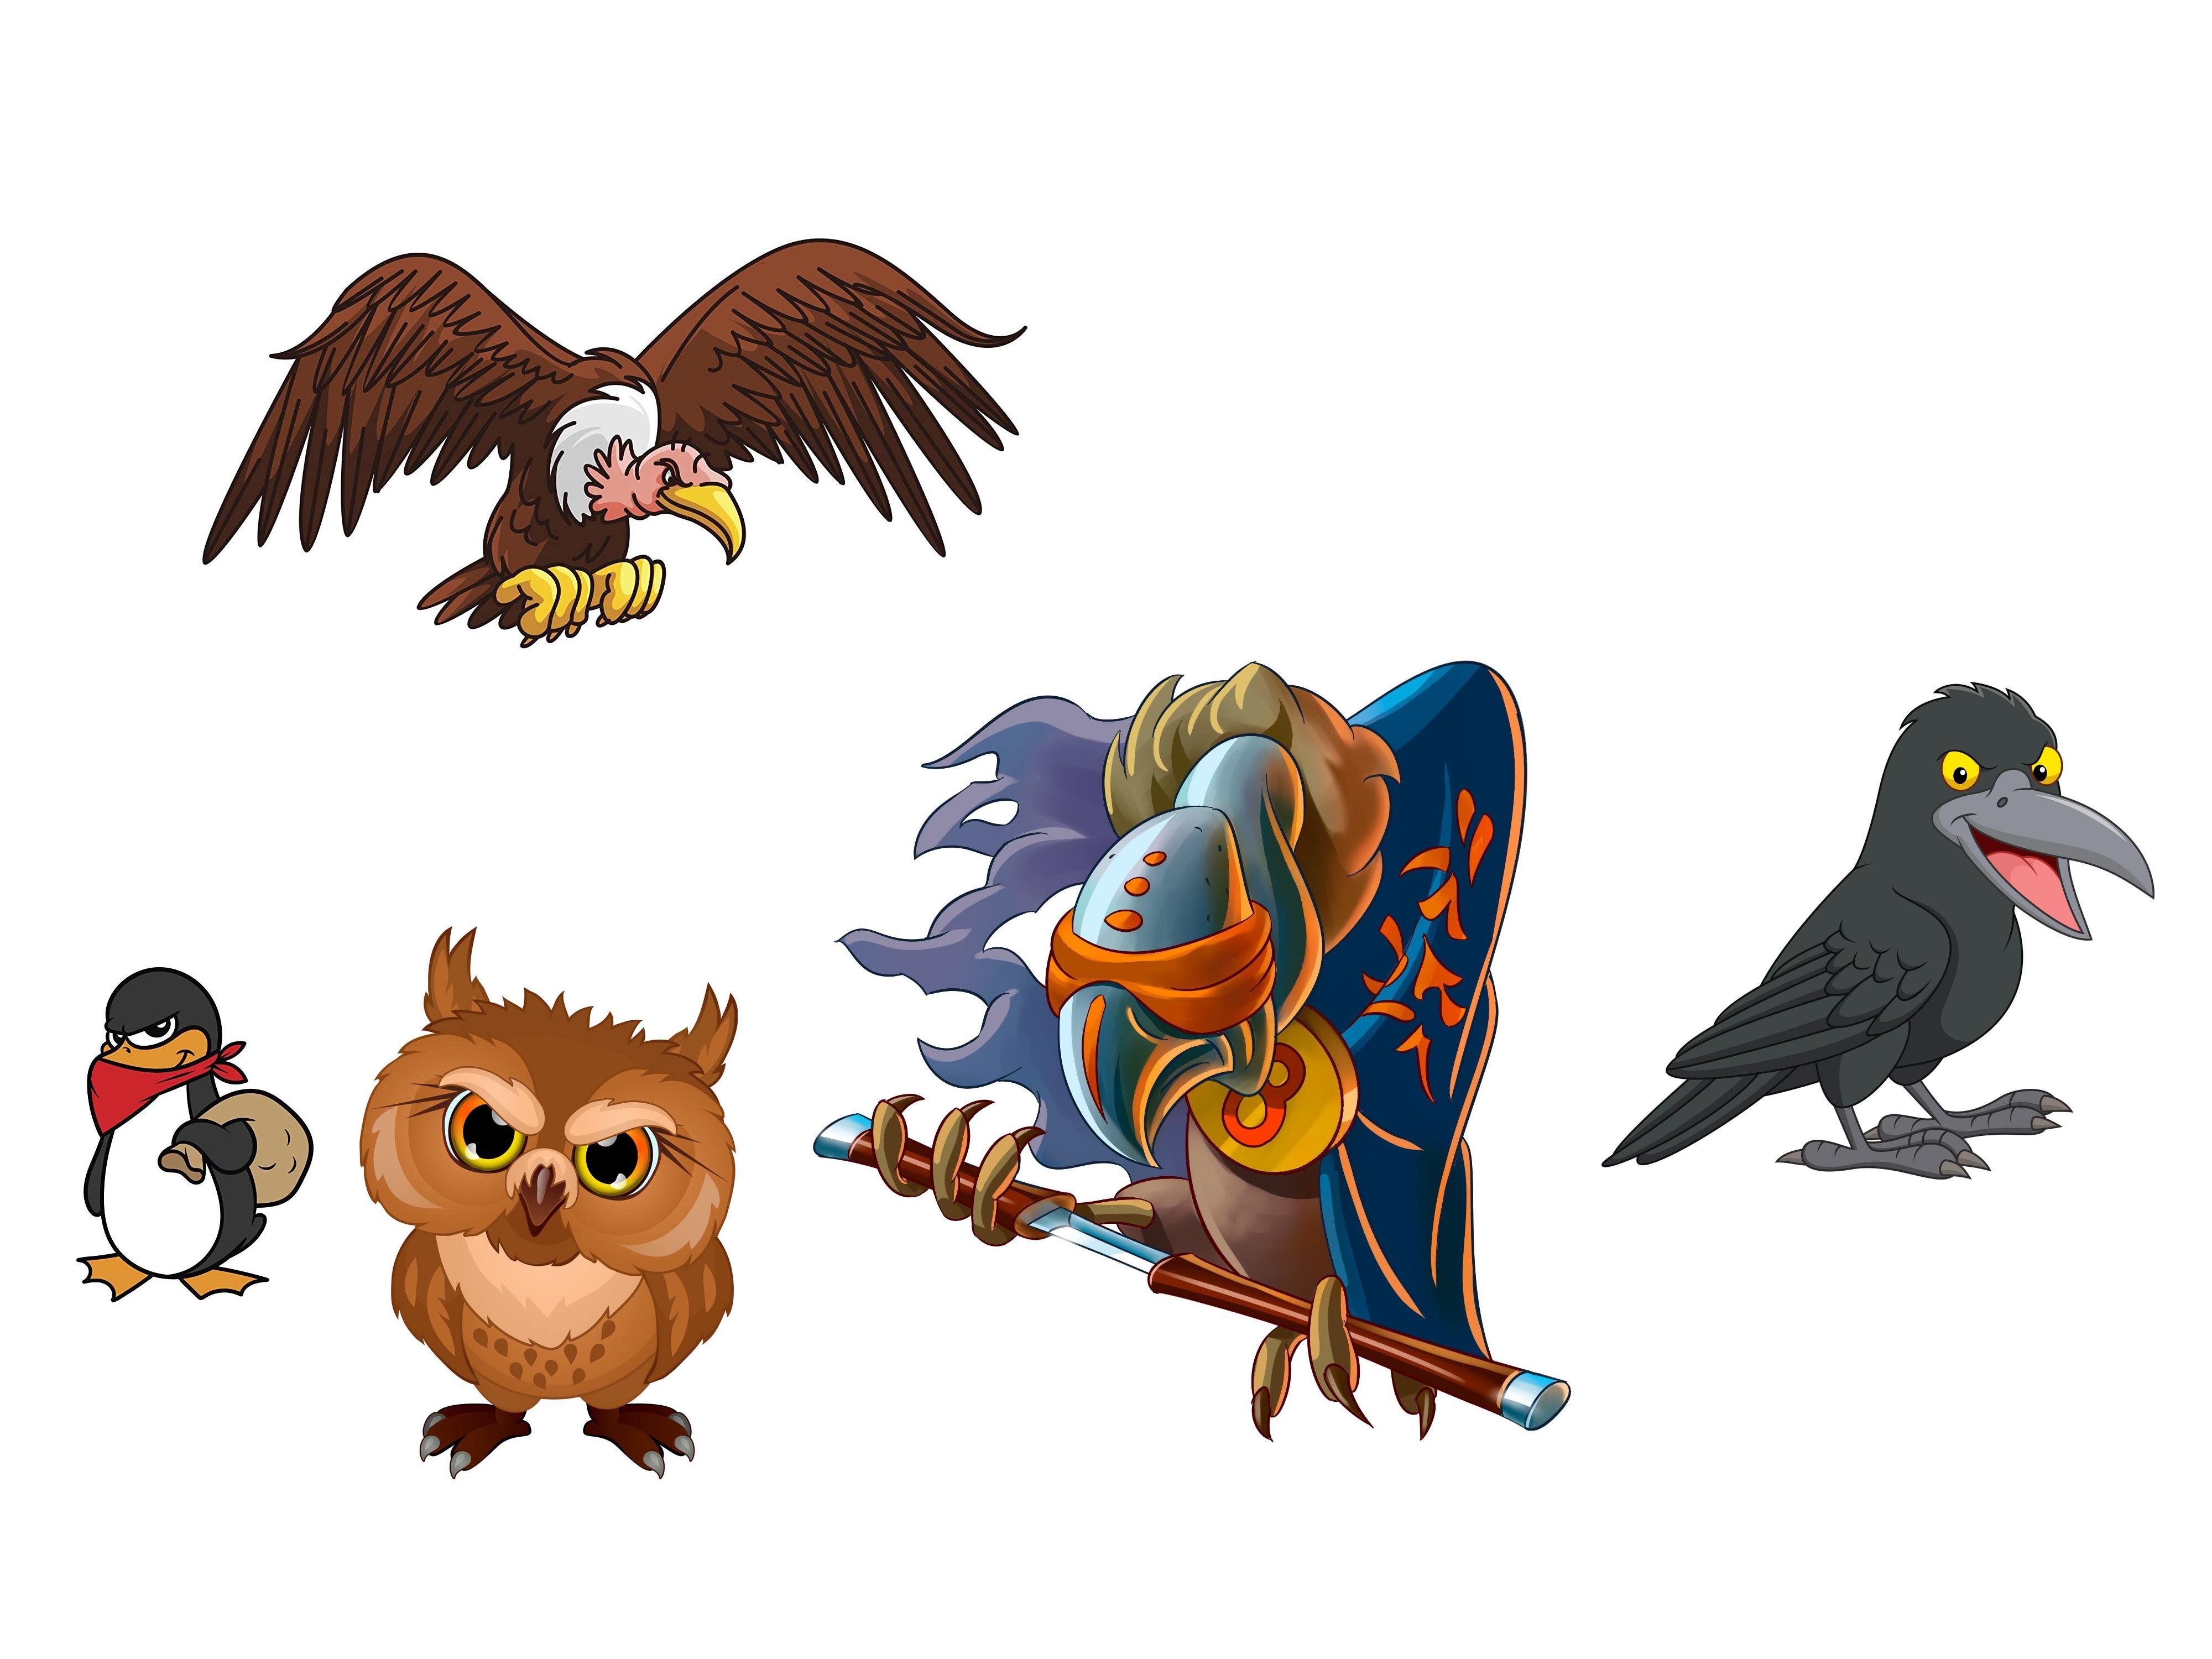 Malevolent Birds